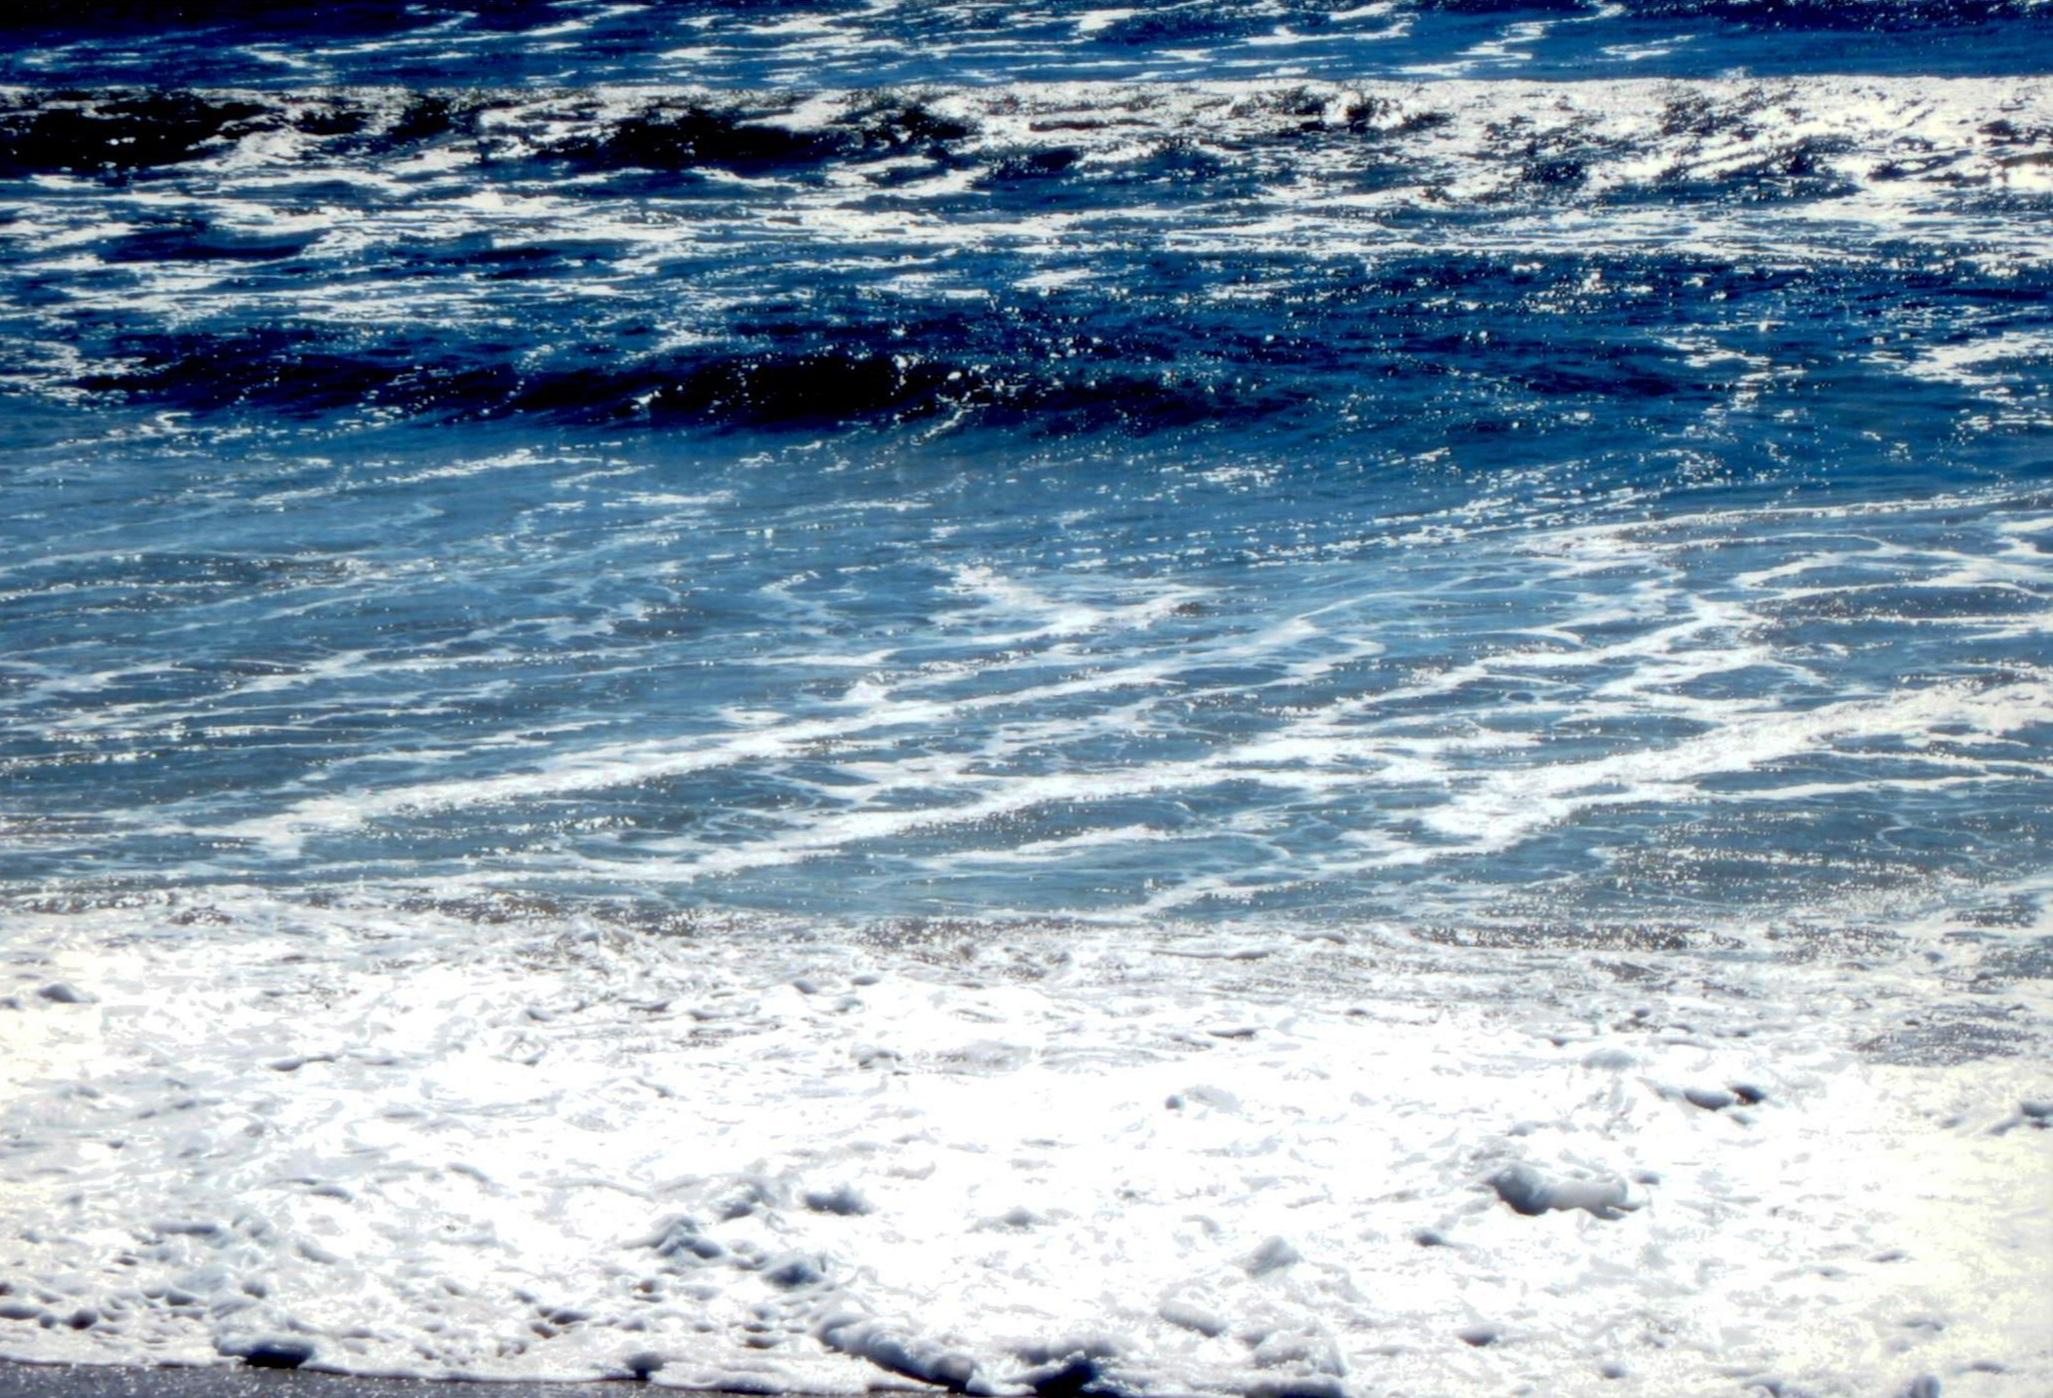 In questa foto ci sono malefici spiriti che fanno gioco con le onde del acque che formano un tunello profondo che è molto pericoloso di nuotare su questi locali. DIO UNIVERSALE vuole togliere questi spiriti pericolante per avere il mare calmo e il popolo si può divertire.